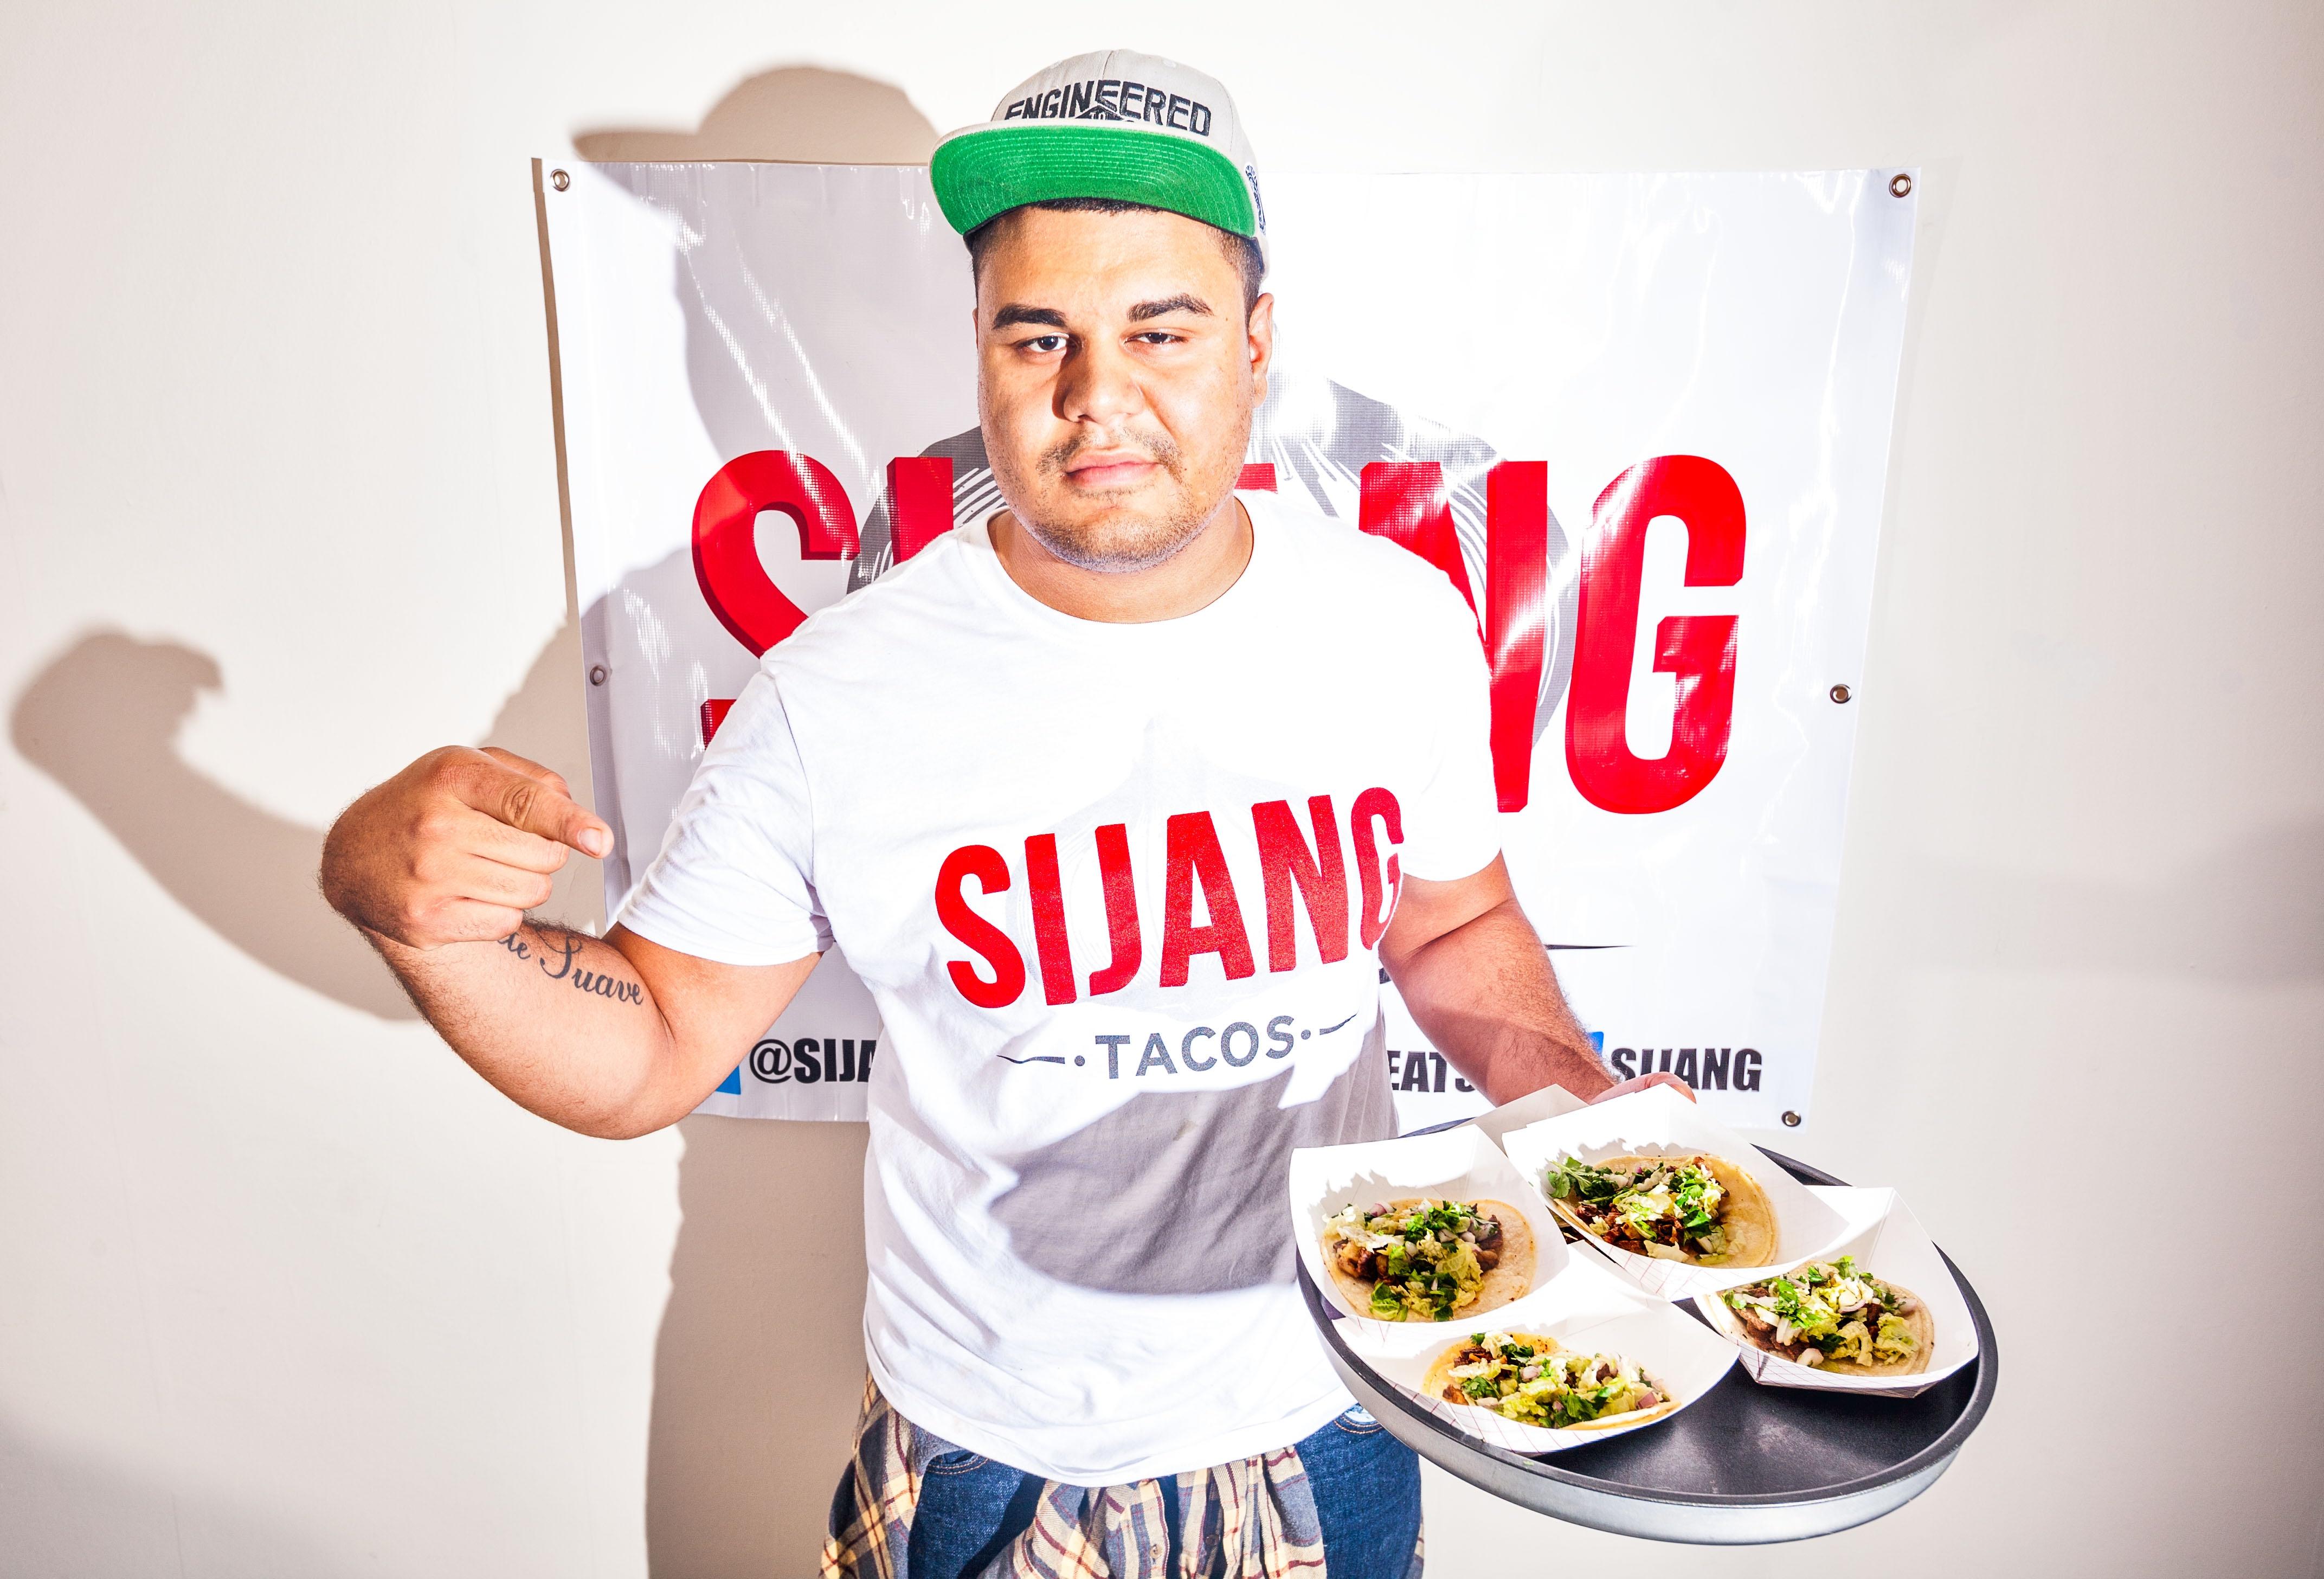 Sijang Tacos